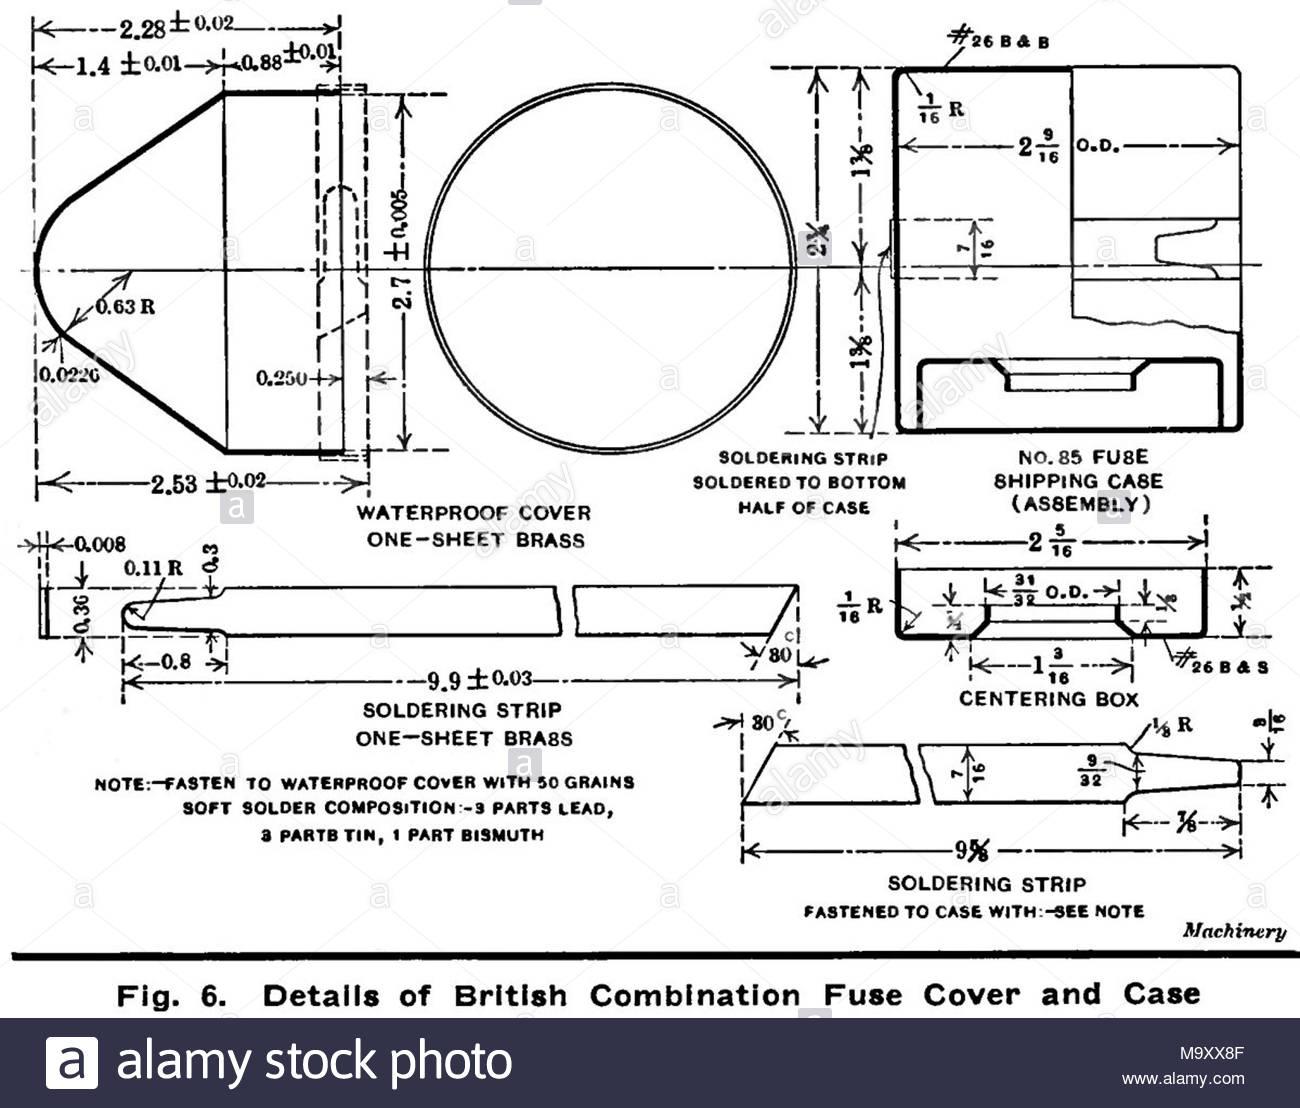 hight resolution of  diagramma 6 british n 85 tempo e percussioni fuze 1915 fuze il coperchio e il caso basato su us 21 seconda fuze m1907 fabbricato in noi da betlemme